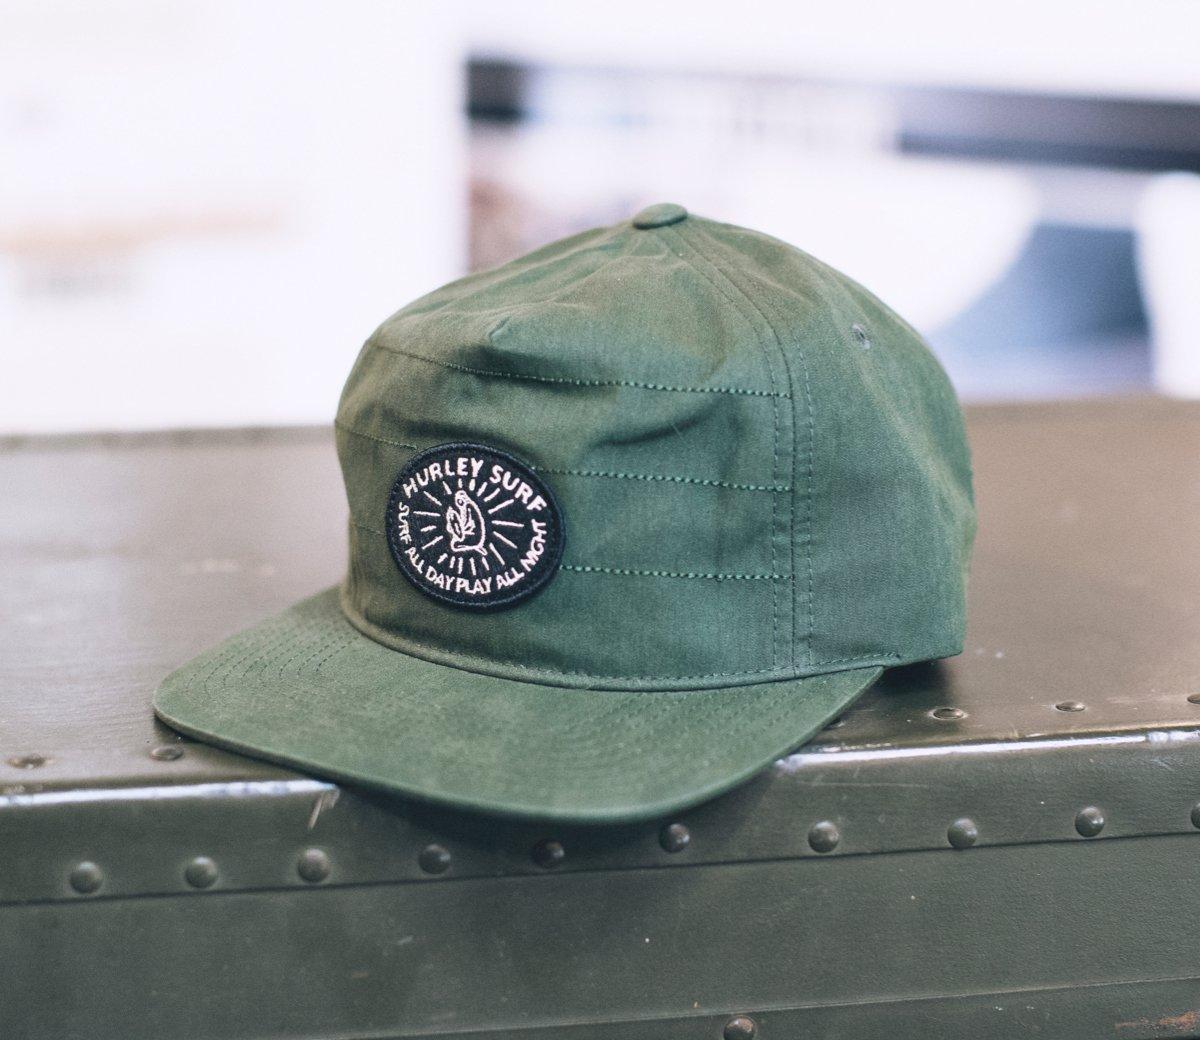 4720979bbf68e Nike plus +  Our favorite low-key hats.